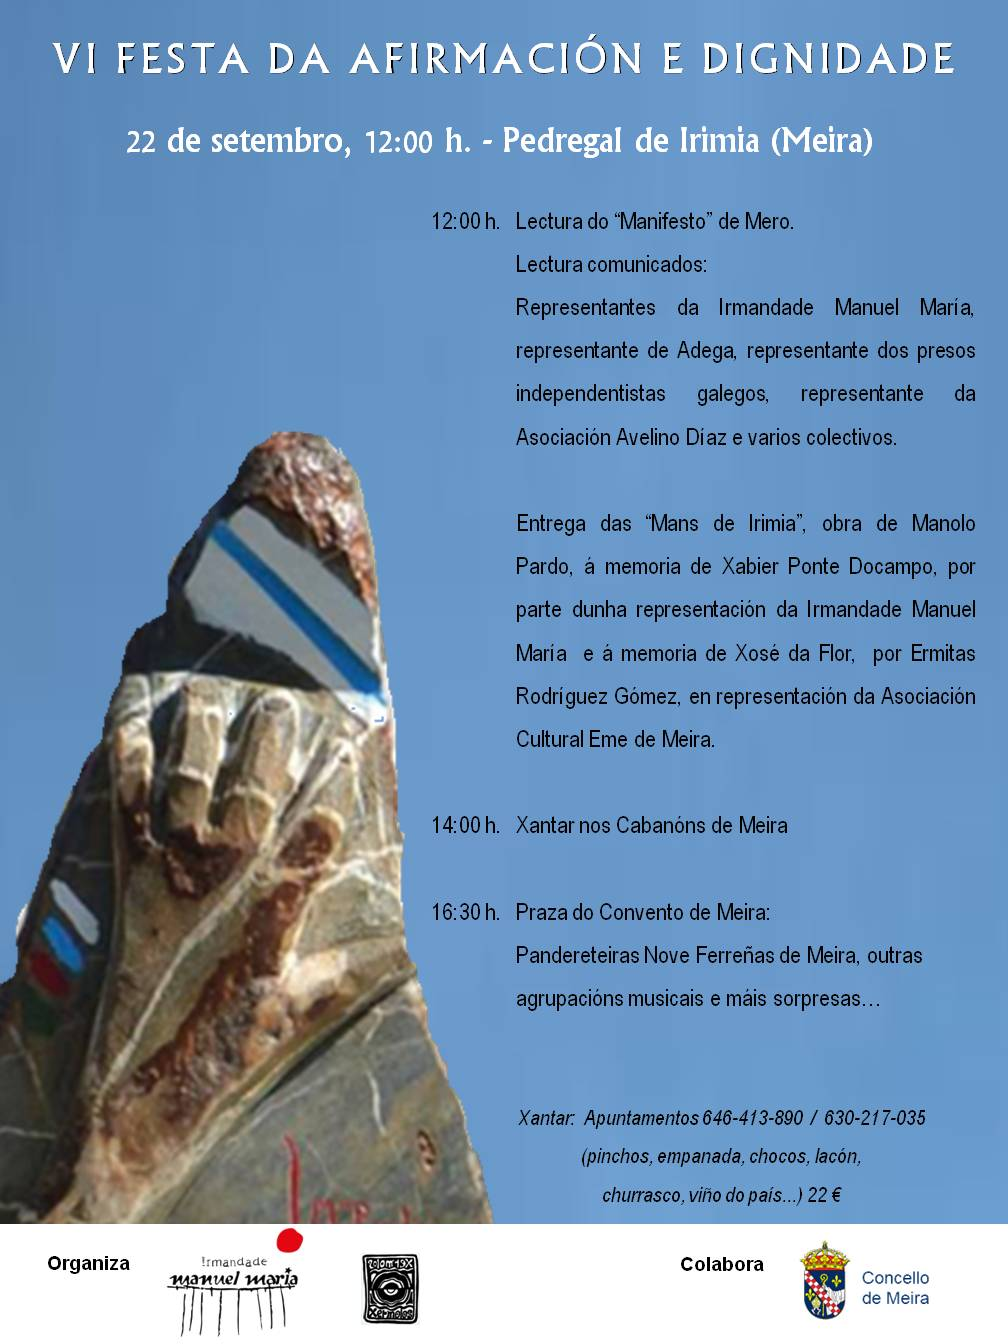 627581e56 O sábado 22 de setembro pola manhá celebra-se a Festa de Afirmaçom Nacional  no Pedregal de Irimia.